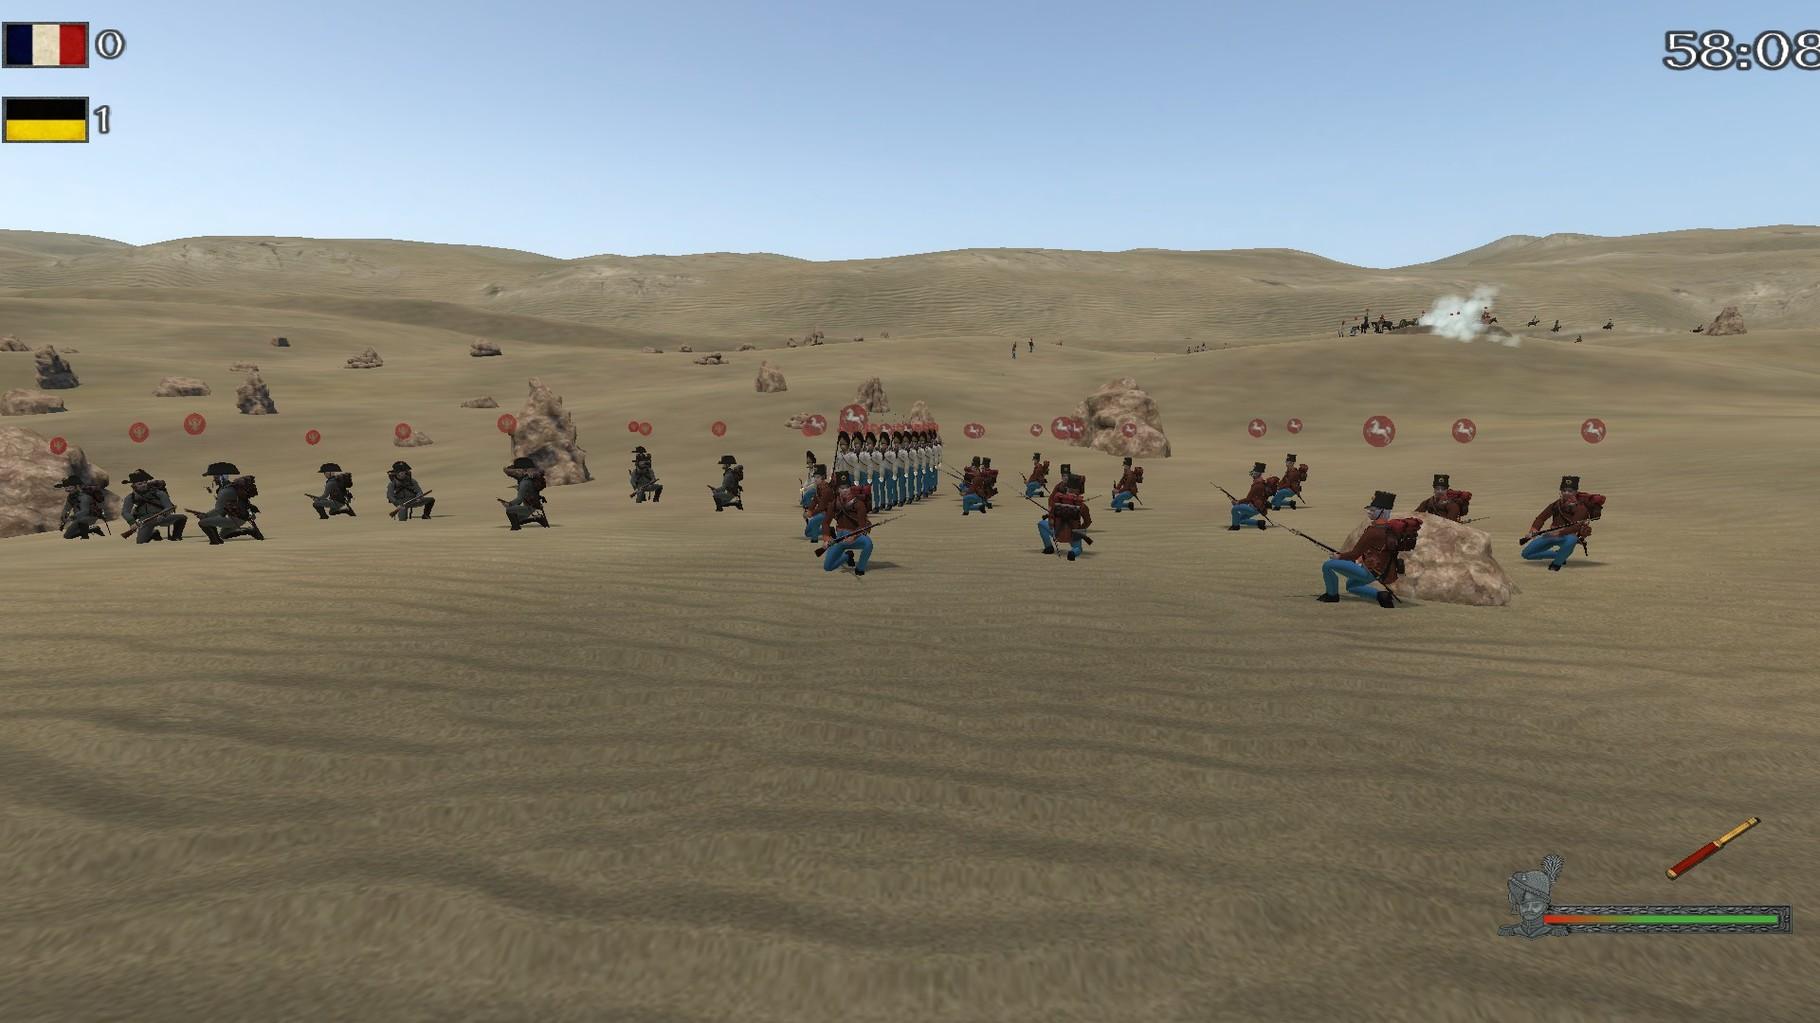 Rechts hinten die Artillerie, davor Jäger, Leichte und Grenadiere.